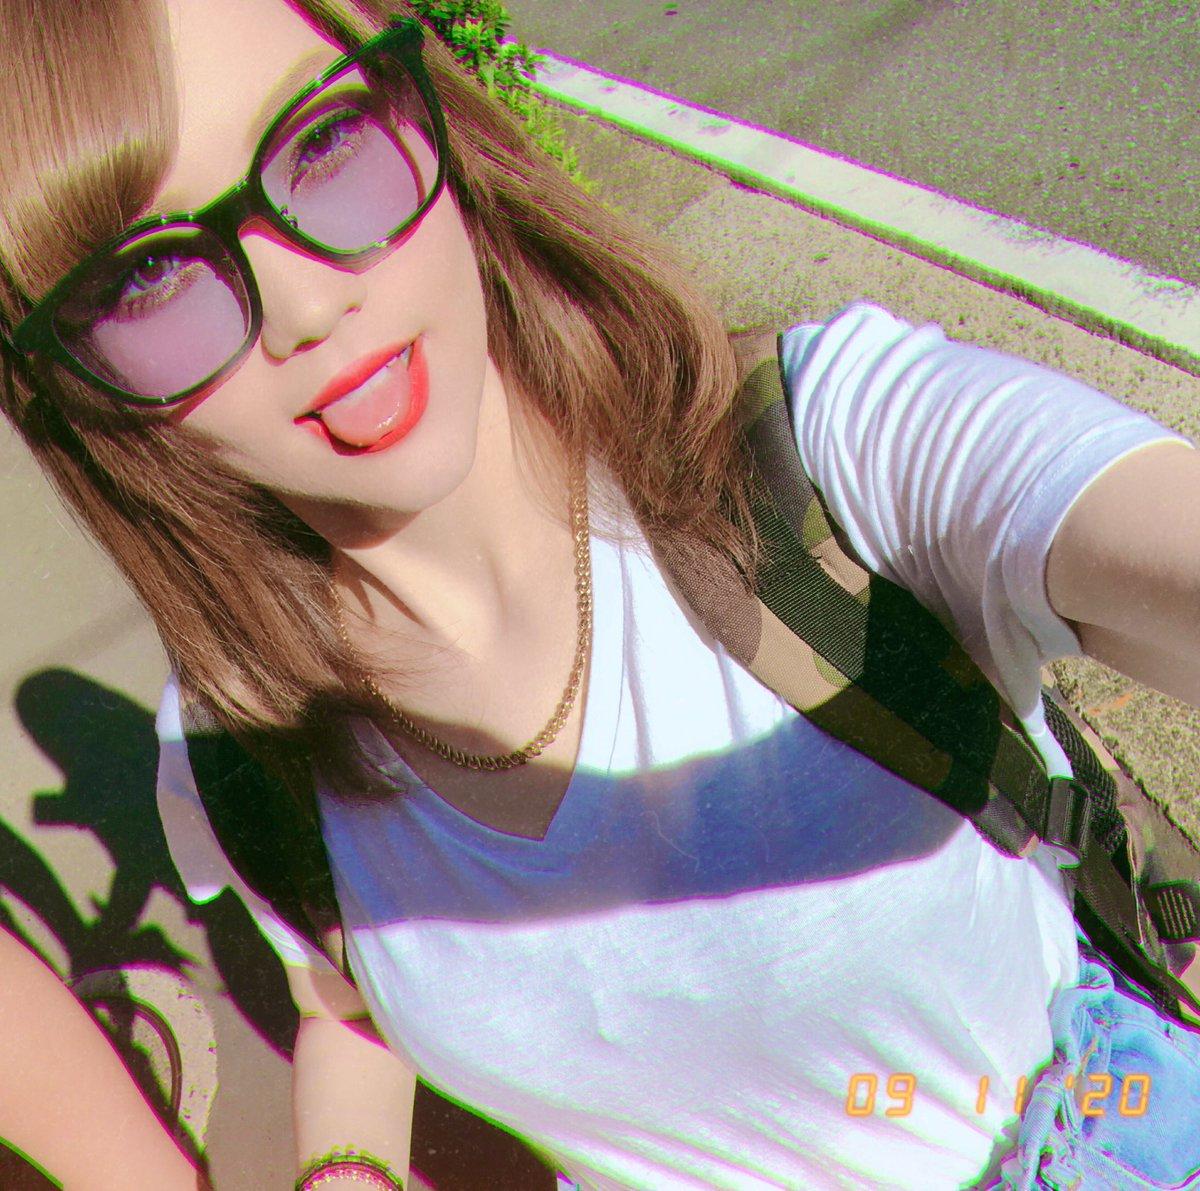 一昨日のお散歩デイ💕😌 #なとぅ #ご近所 #ぶらりひとり旅 https://t.co/uXoAlp8CCw